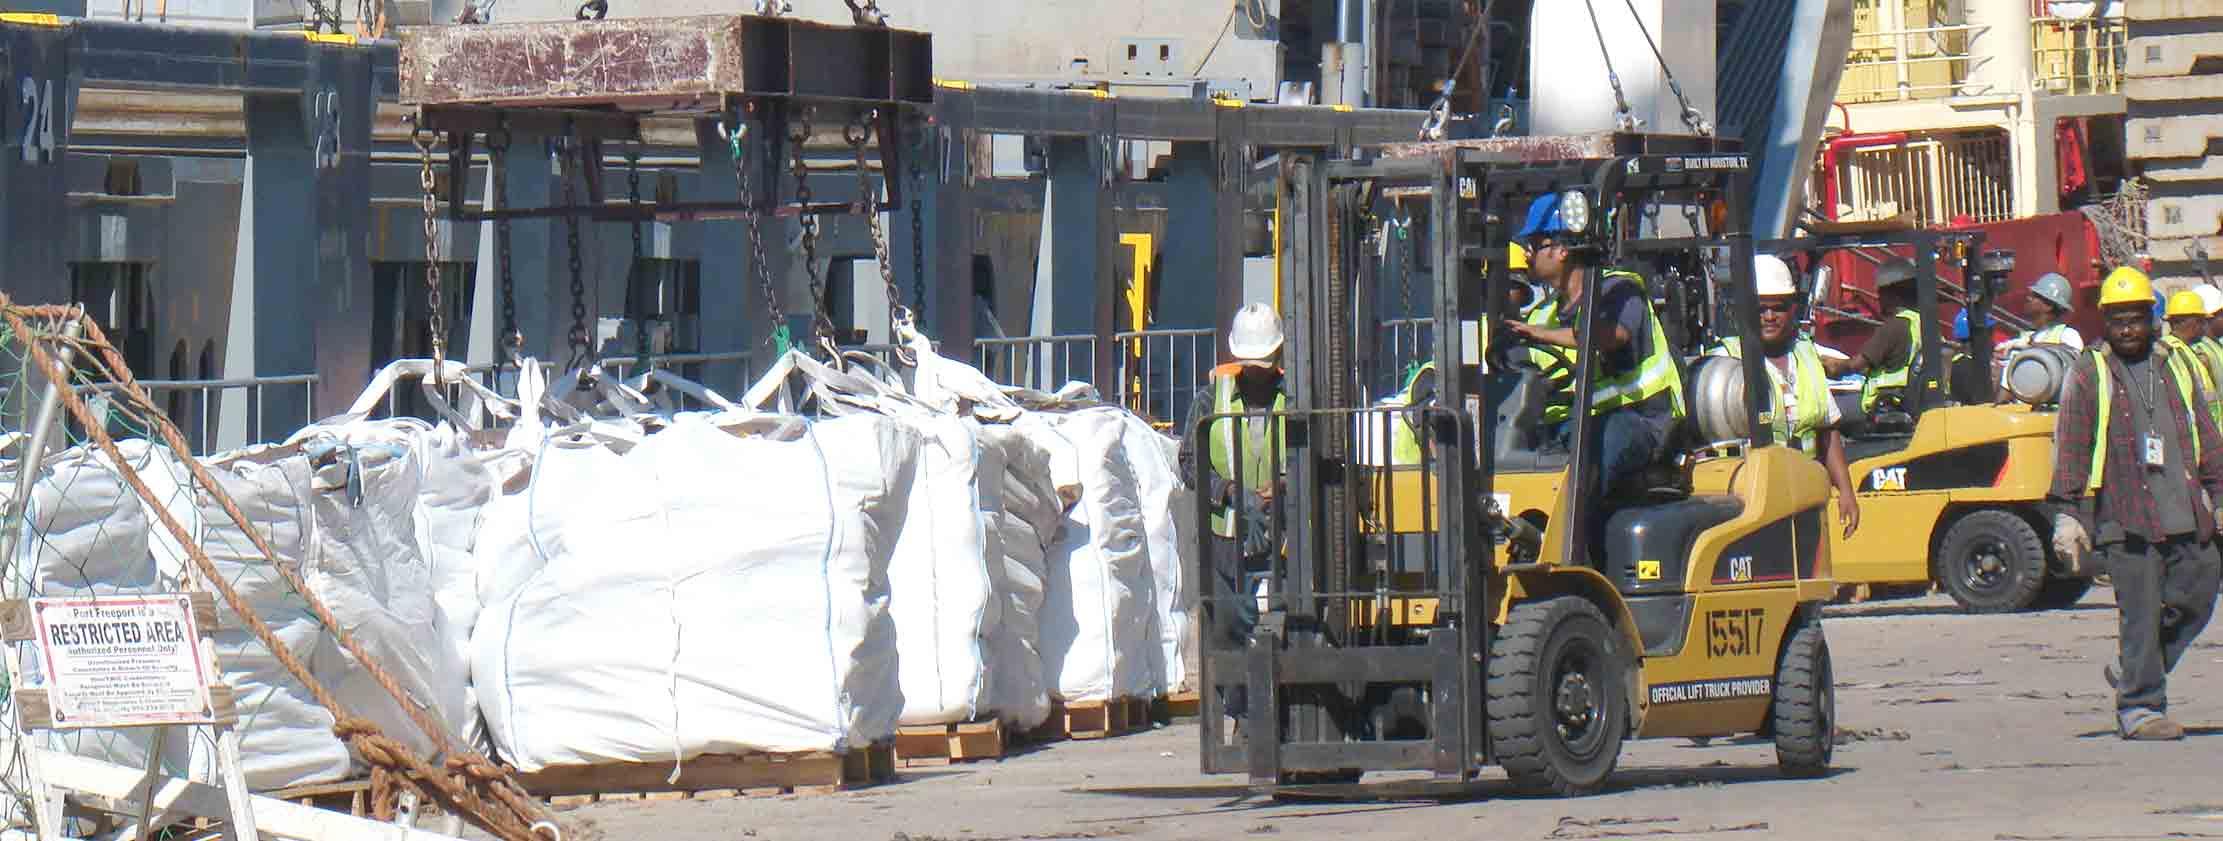 port workforce